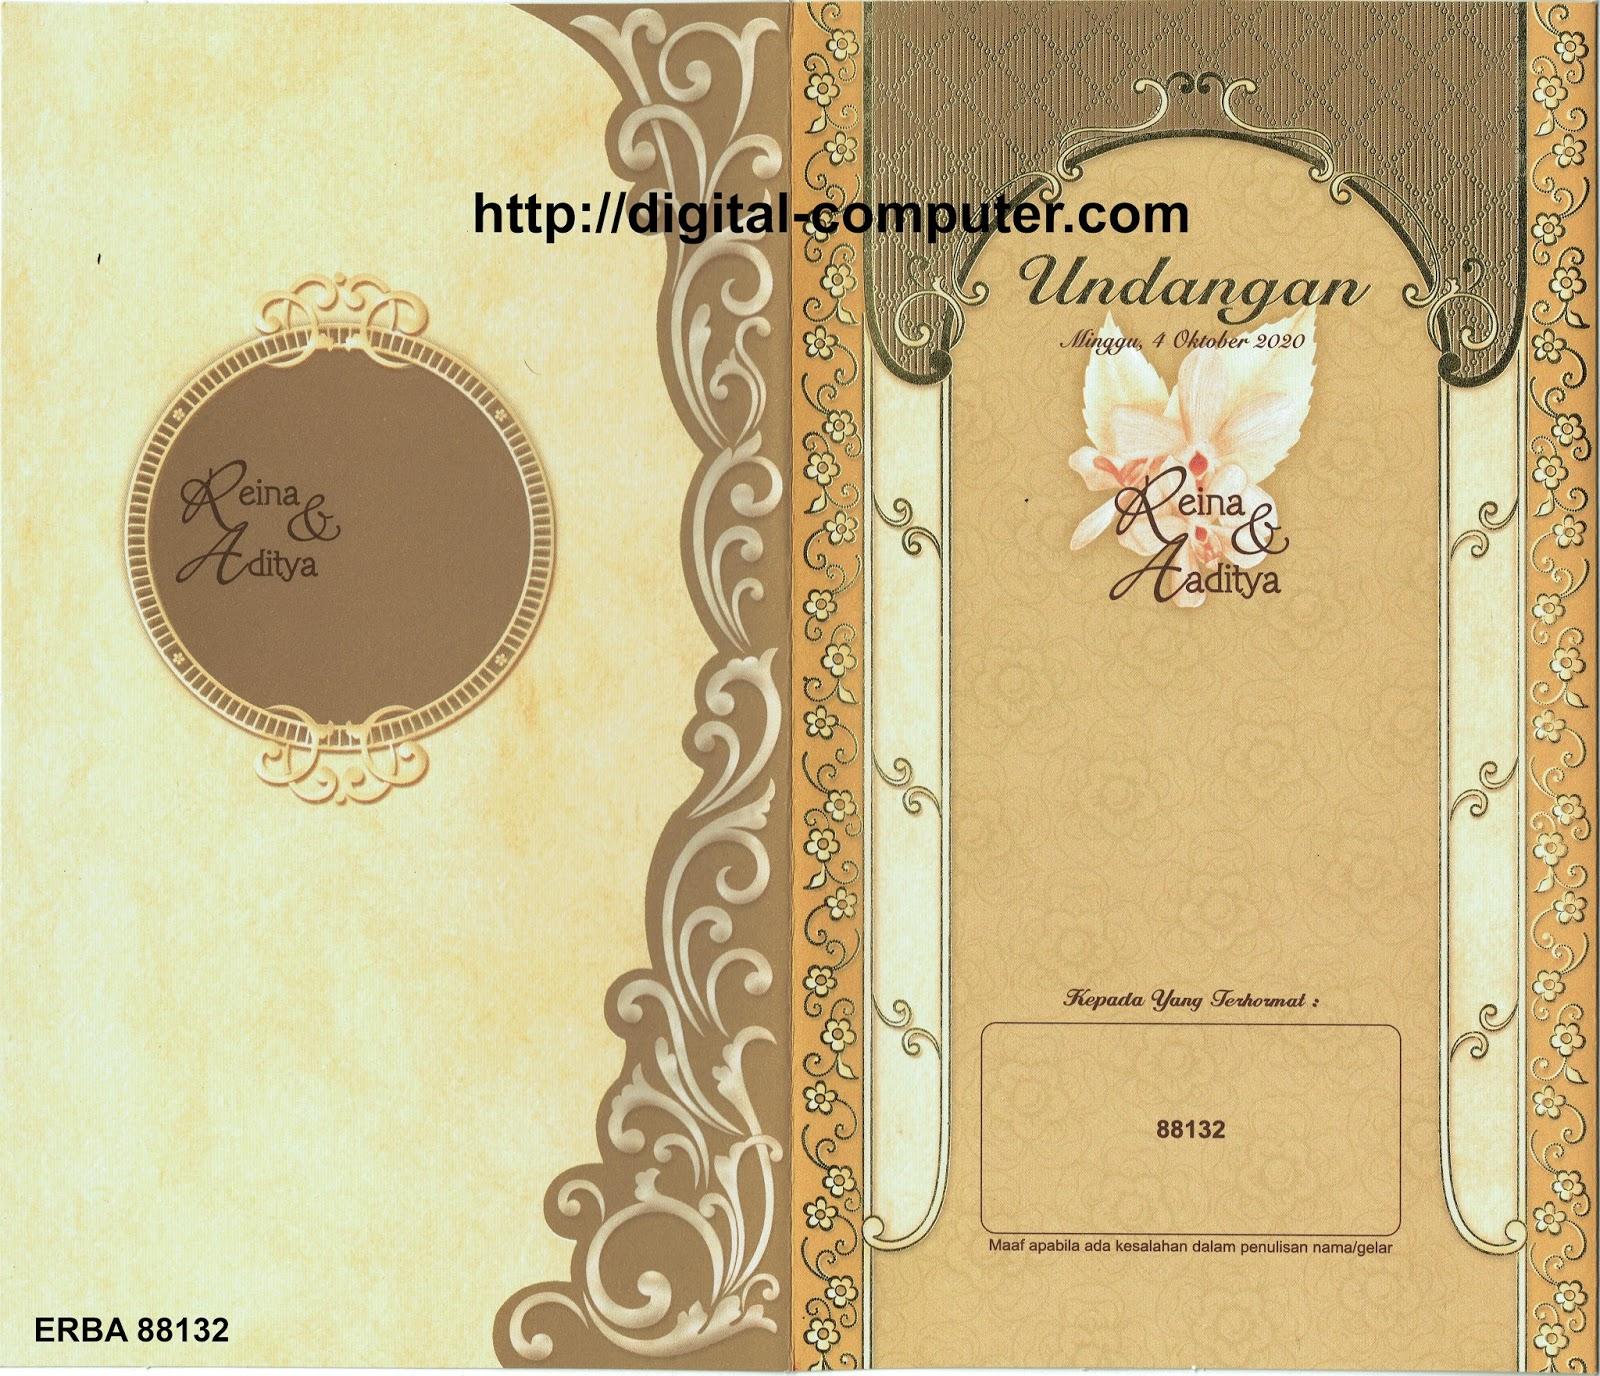 undangan pernikahan harga 2500 rupiah